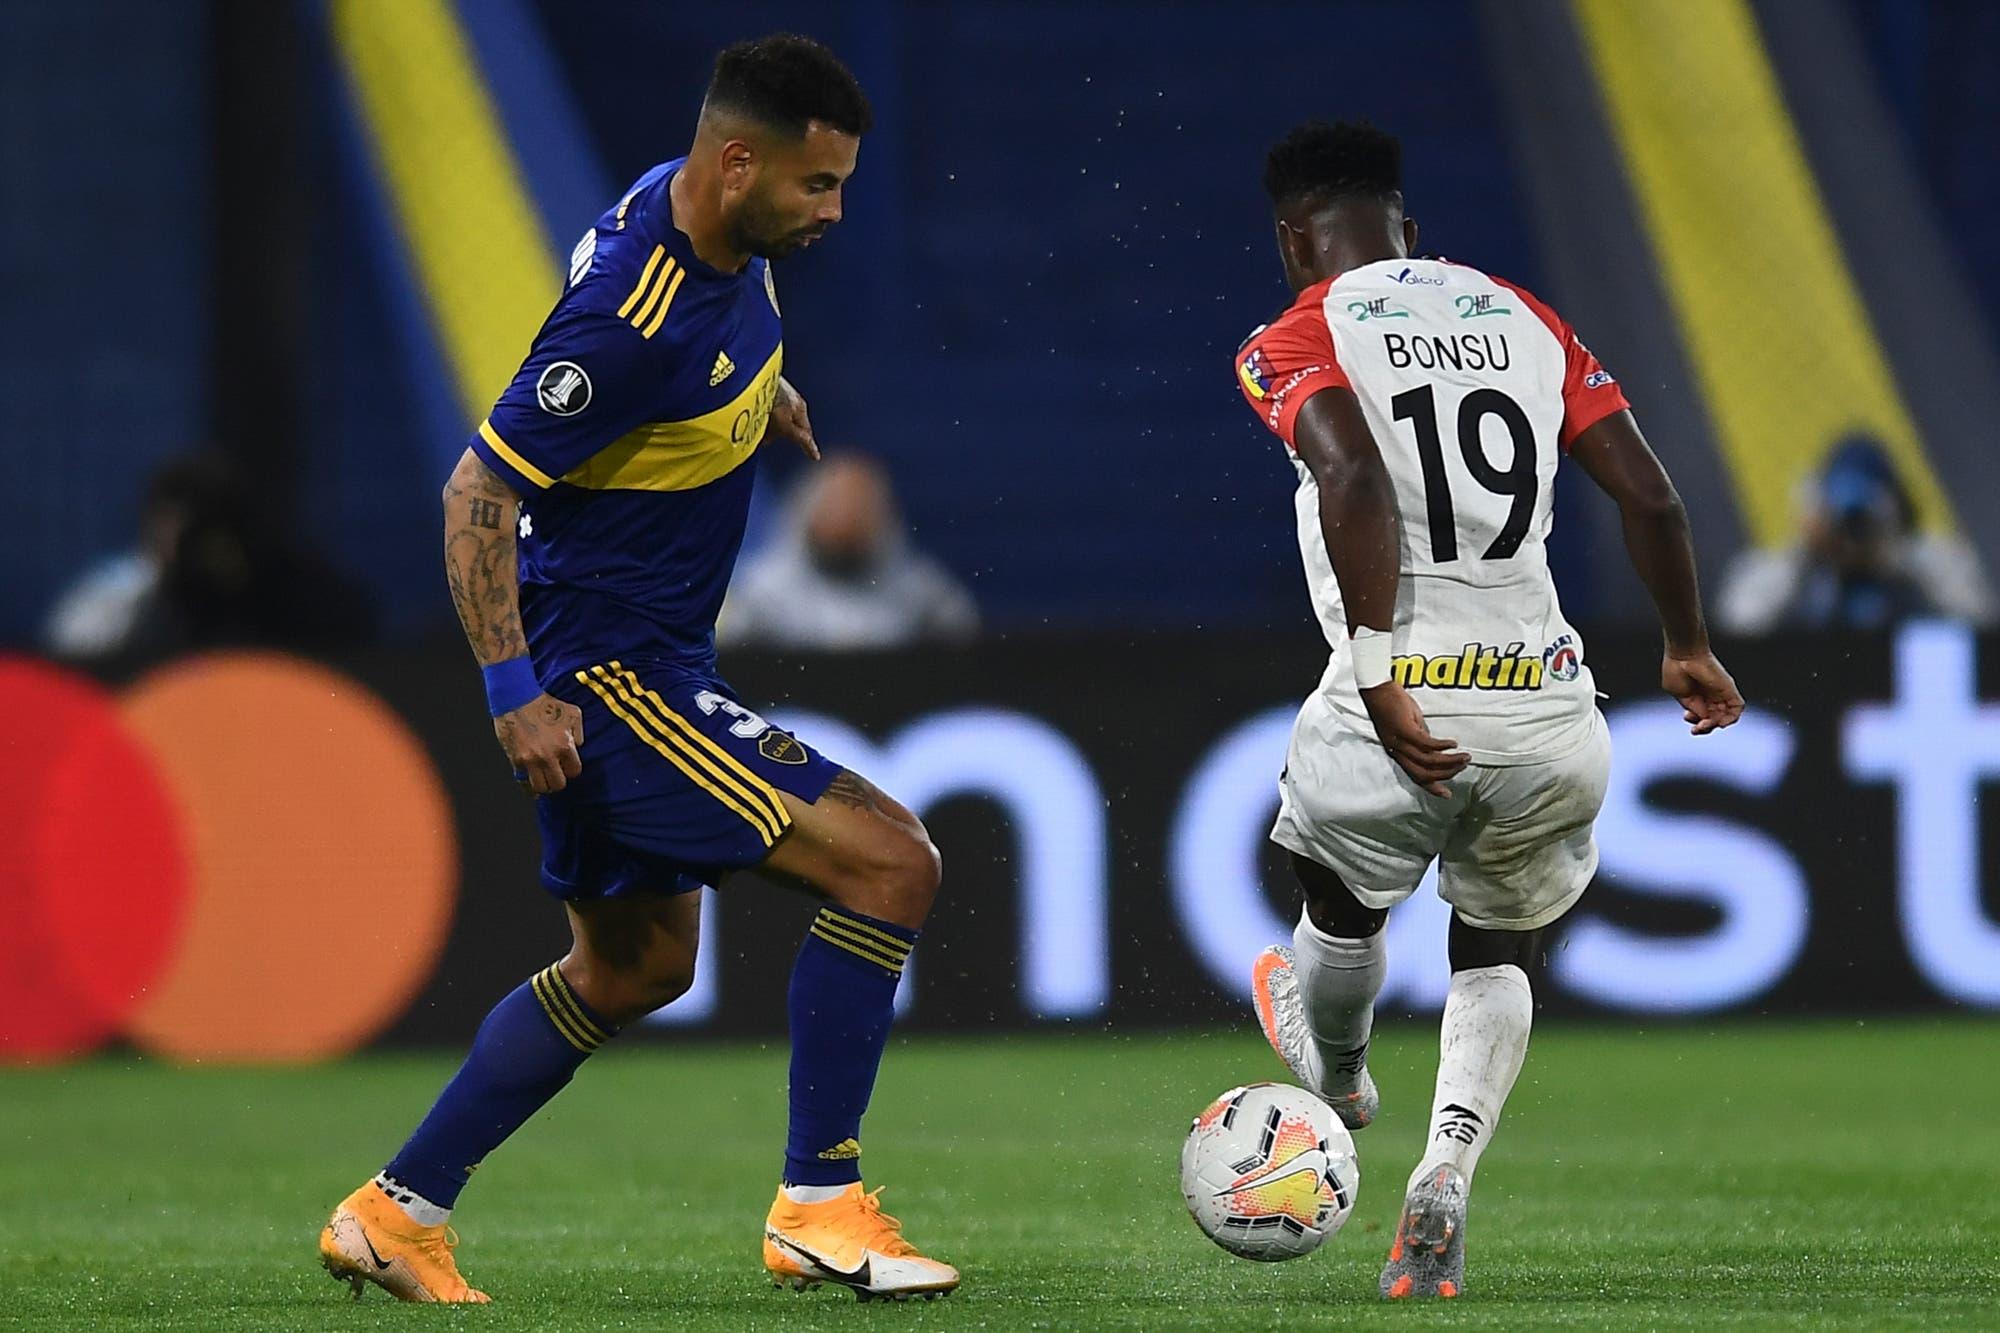 Inter-Boca: horario, TV y formaciones del partido de octavos de final de la Copa Libertadores